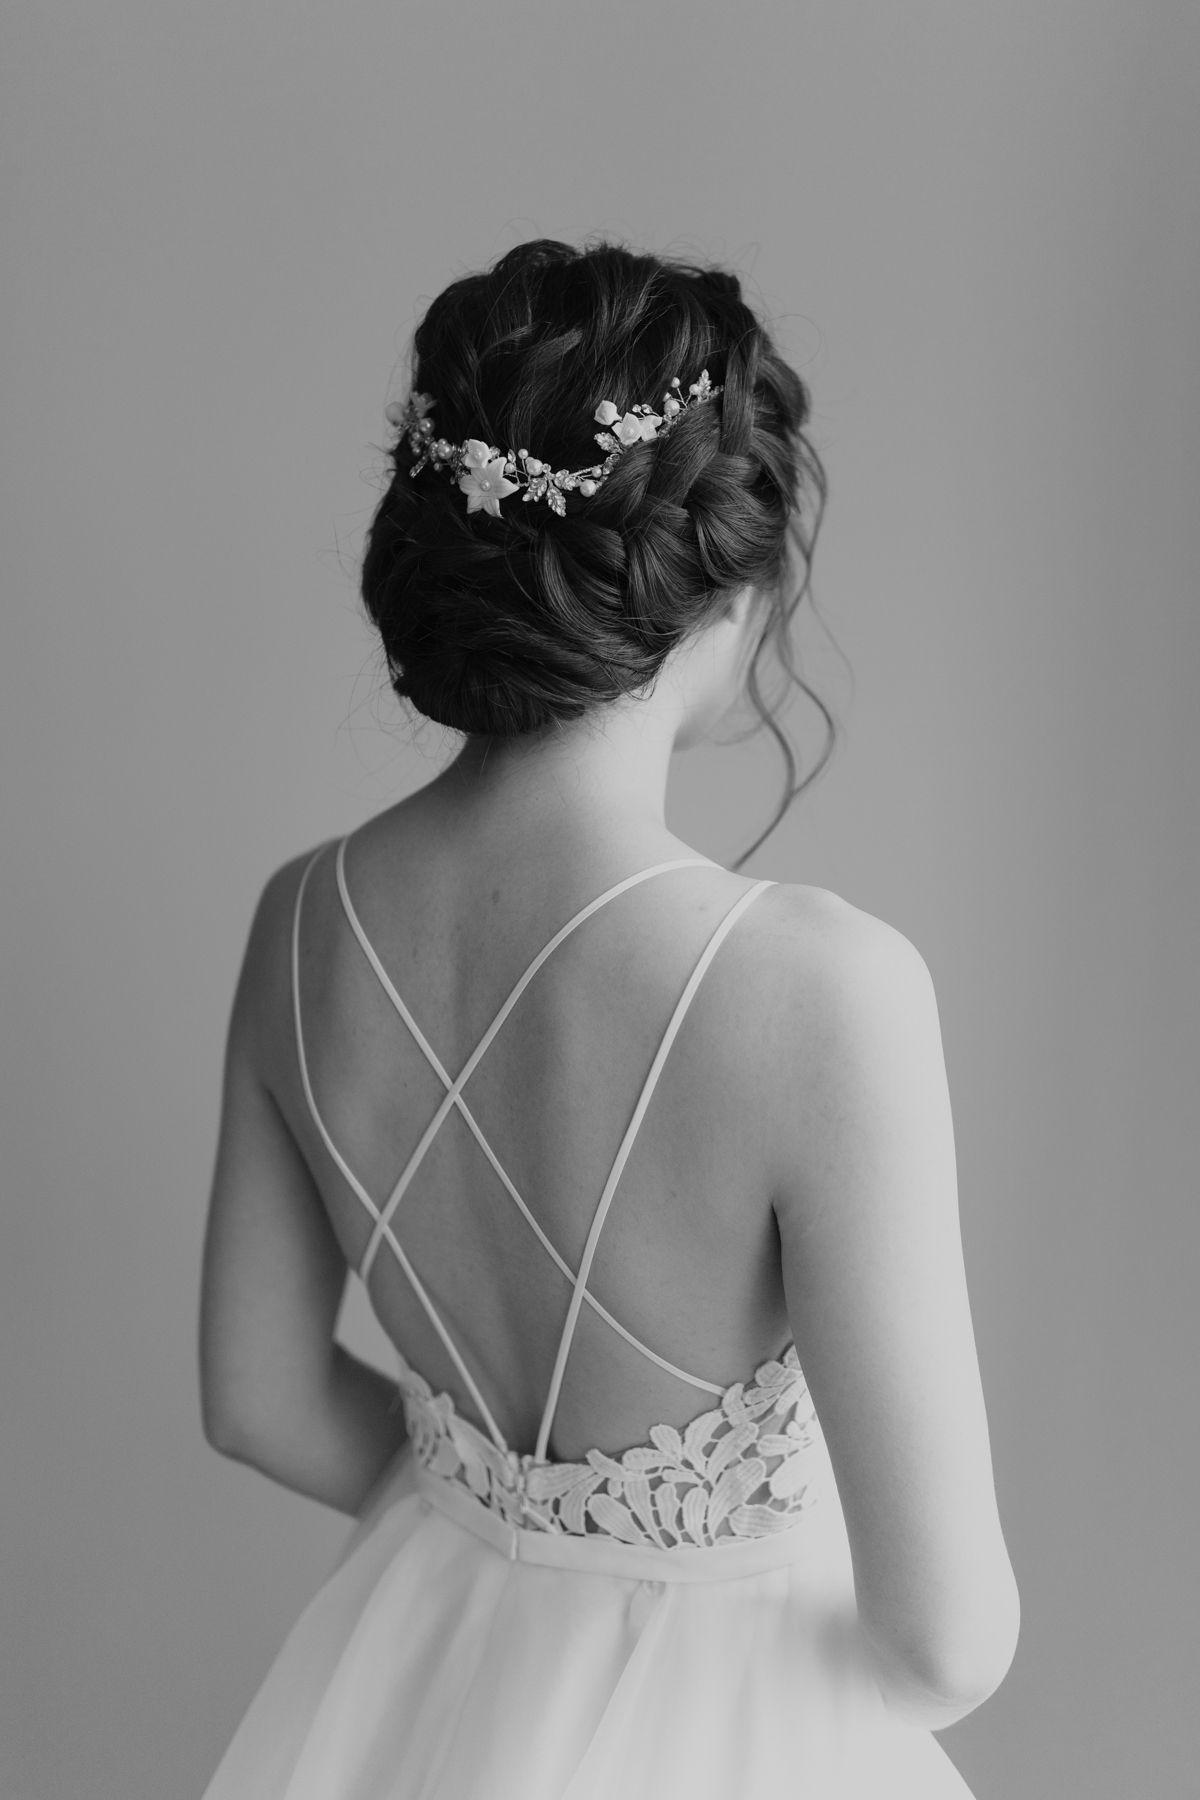 Stonefields Wedding Agatha Rowland Bridal Hair And Makeup Bridal Hair Pieces Hair Pieces